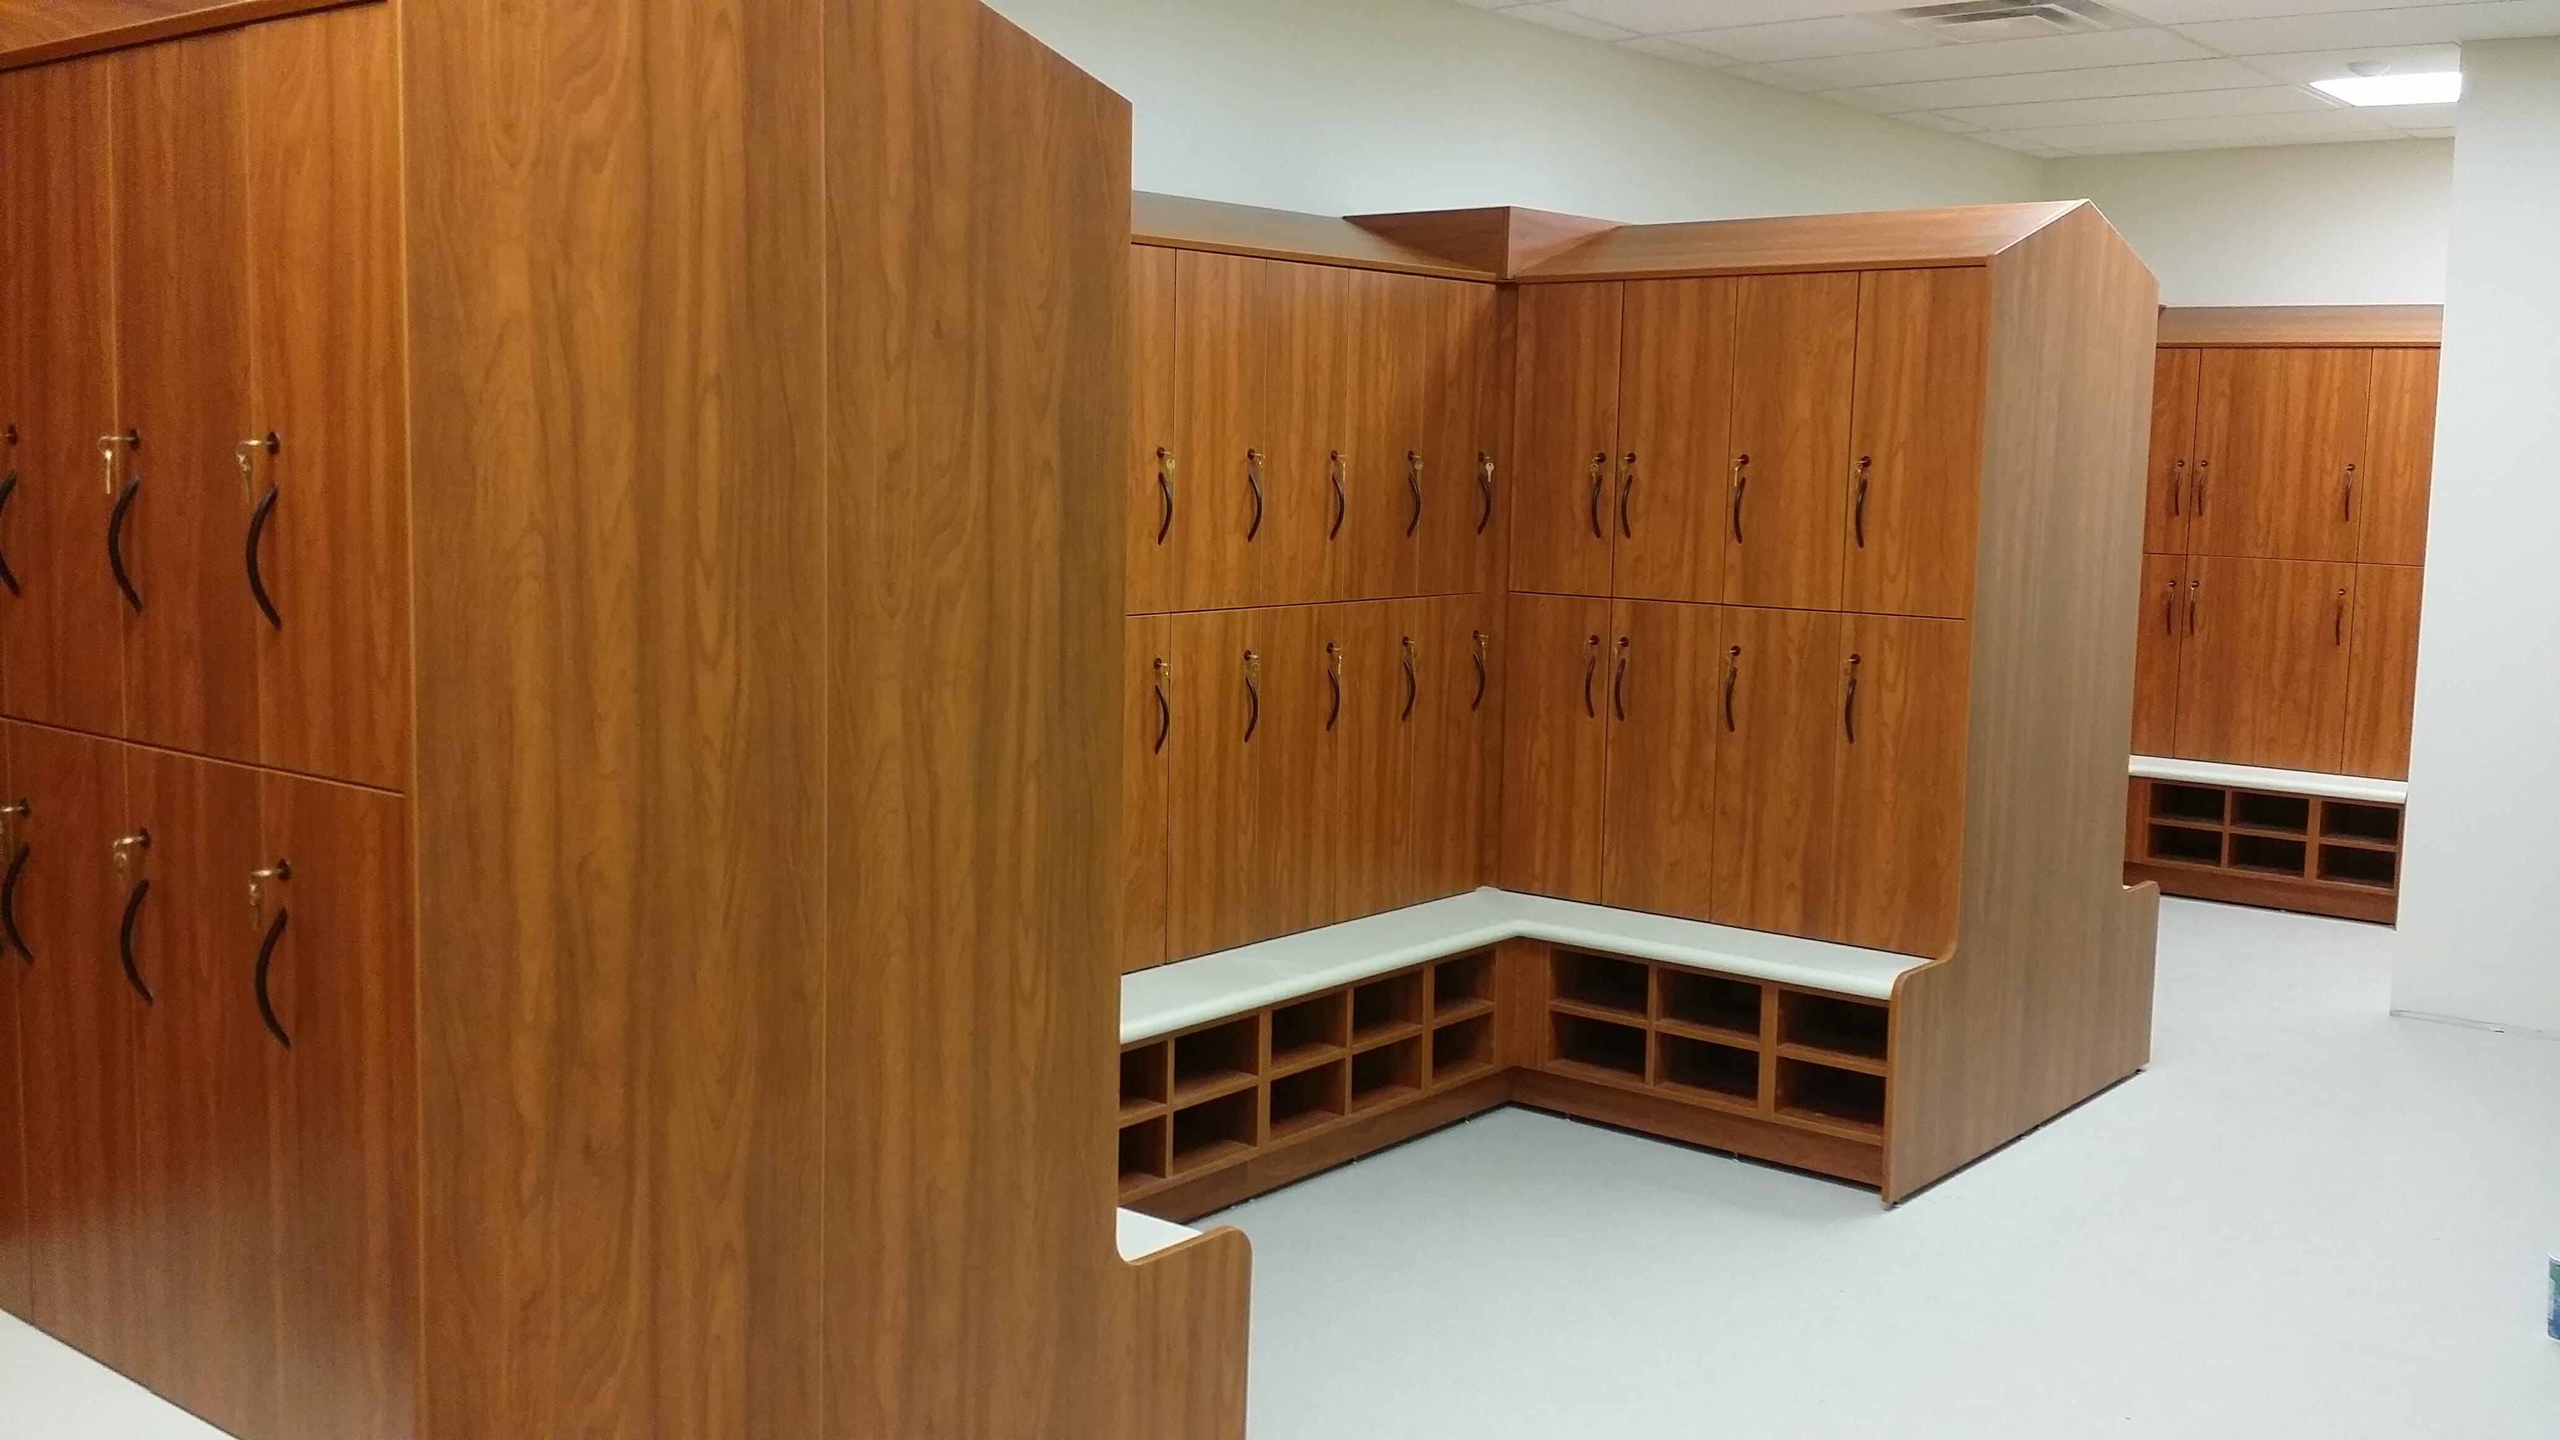 Wood veneer gym lockers with shoe cubbies